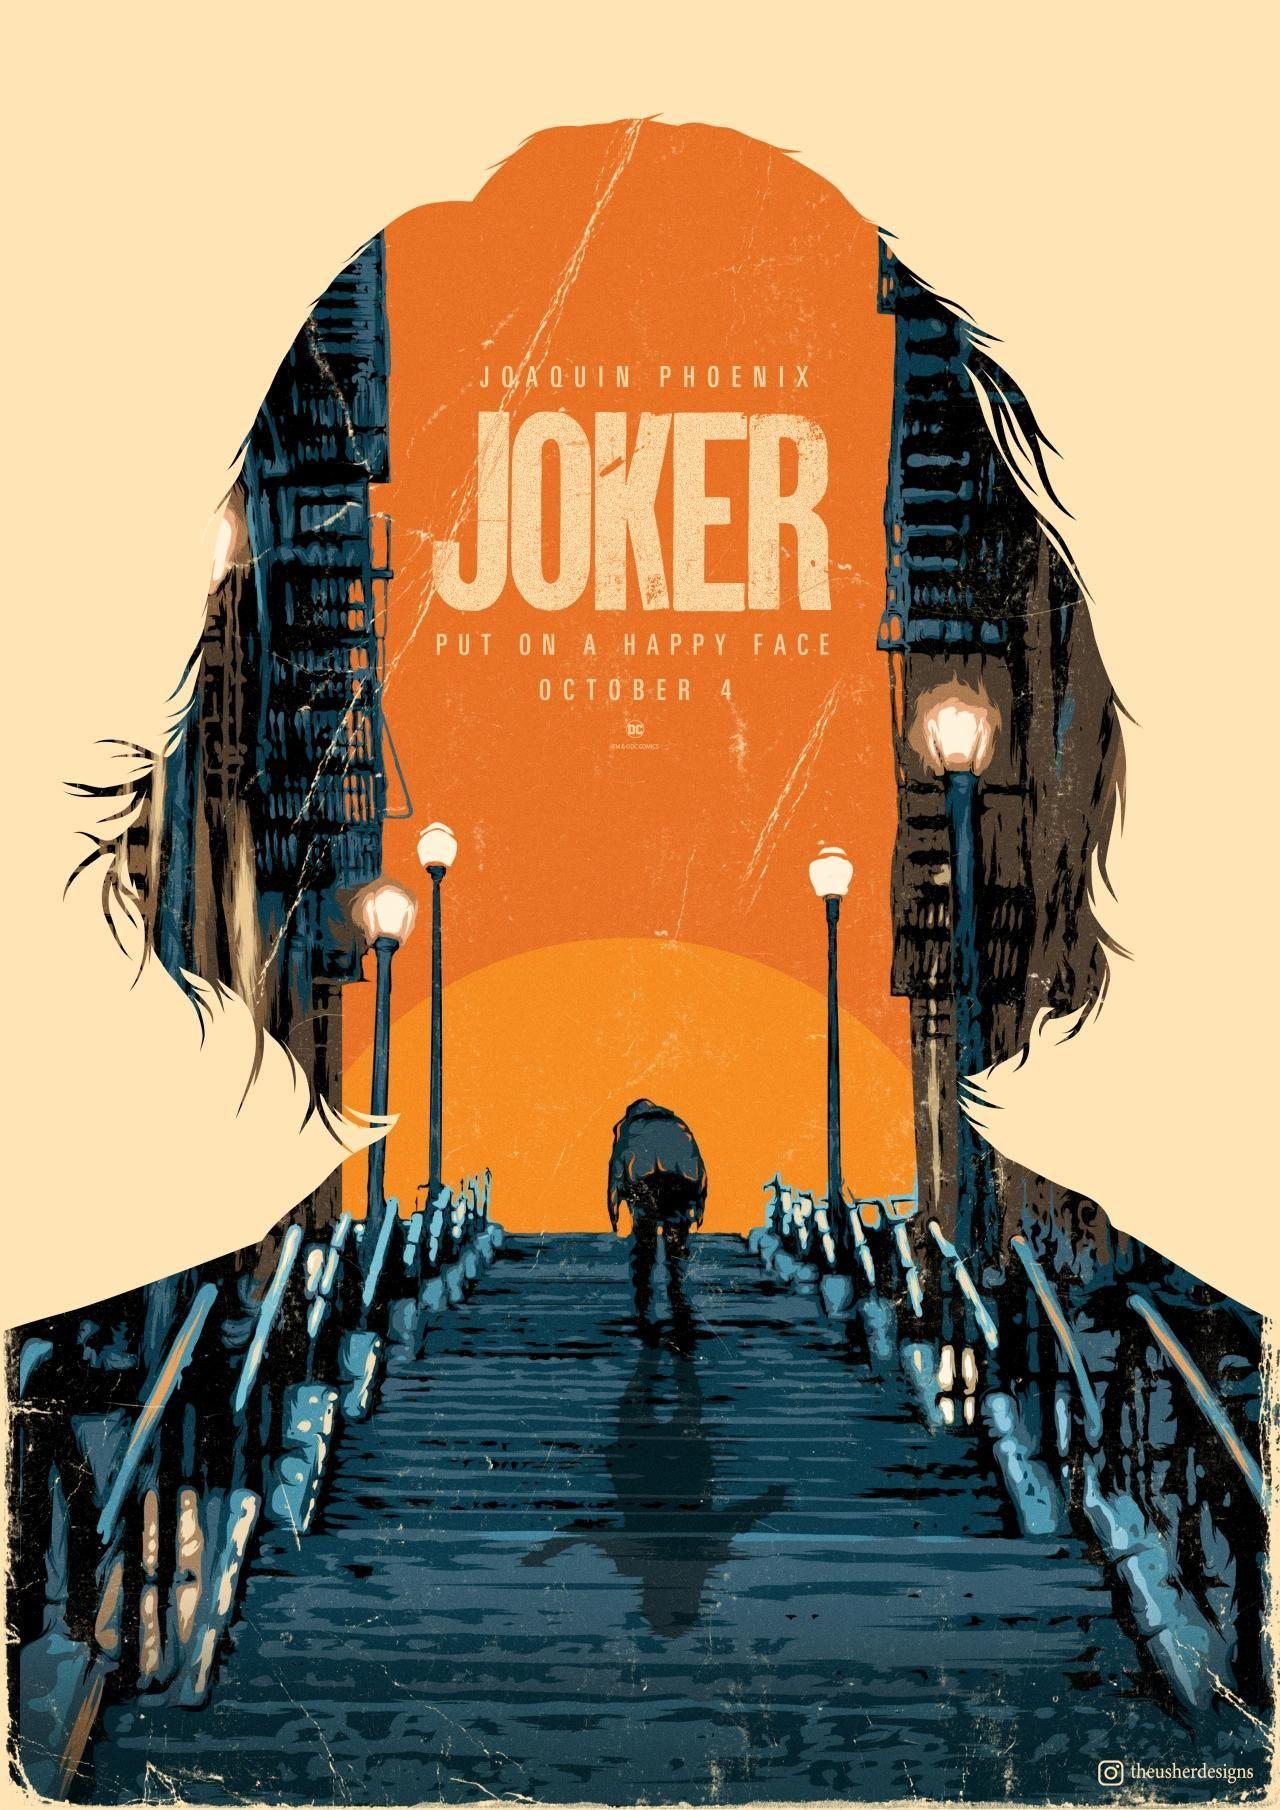 Joker 2019 1280 X 1810 Joker Poster Movie Posters Design Film Poster Design